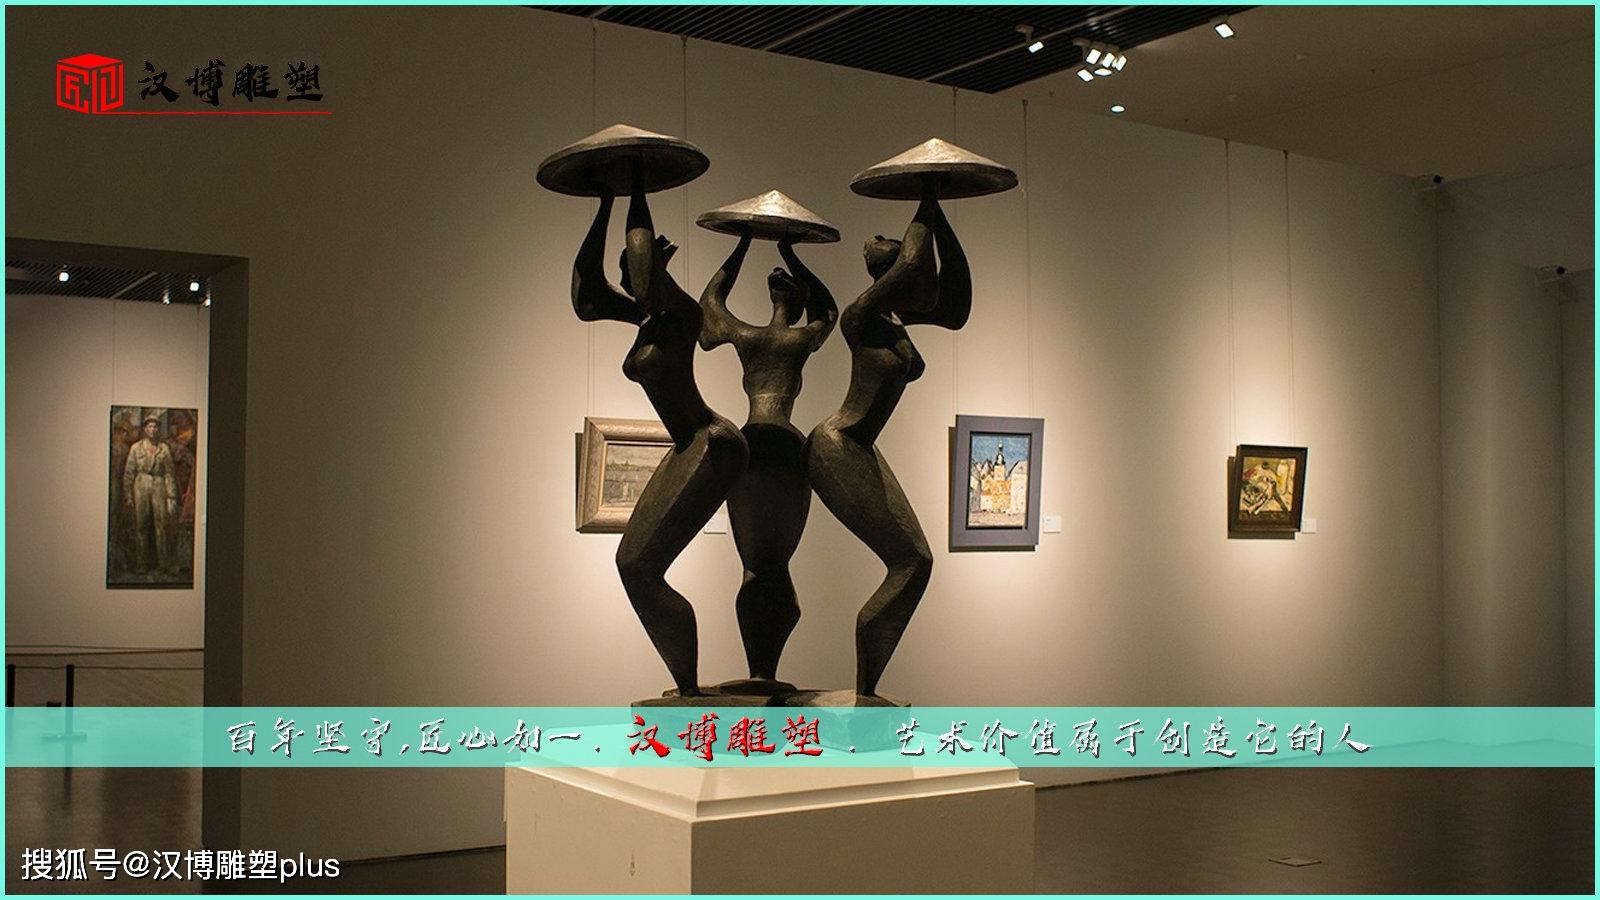 抽象雕塑艺术